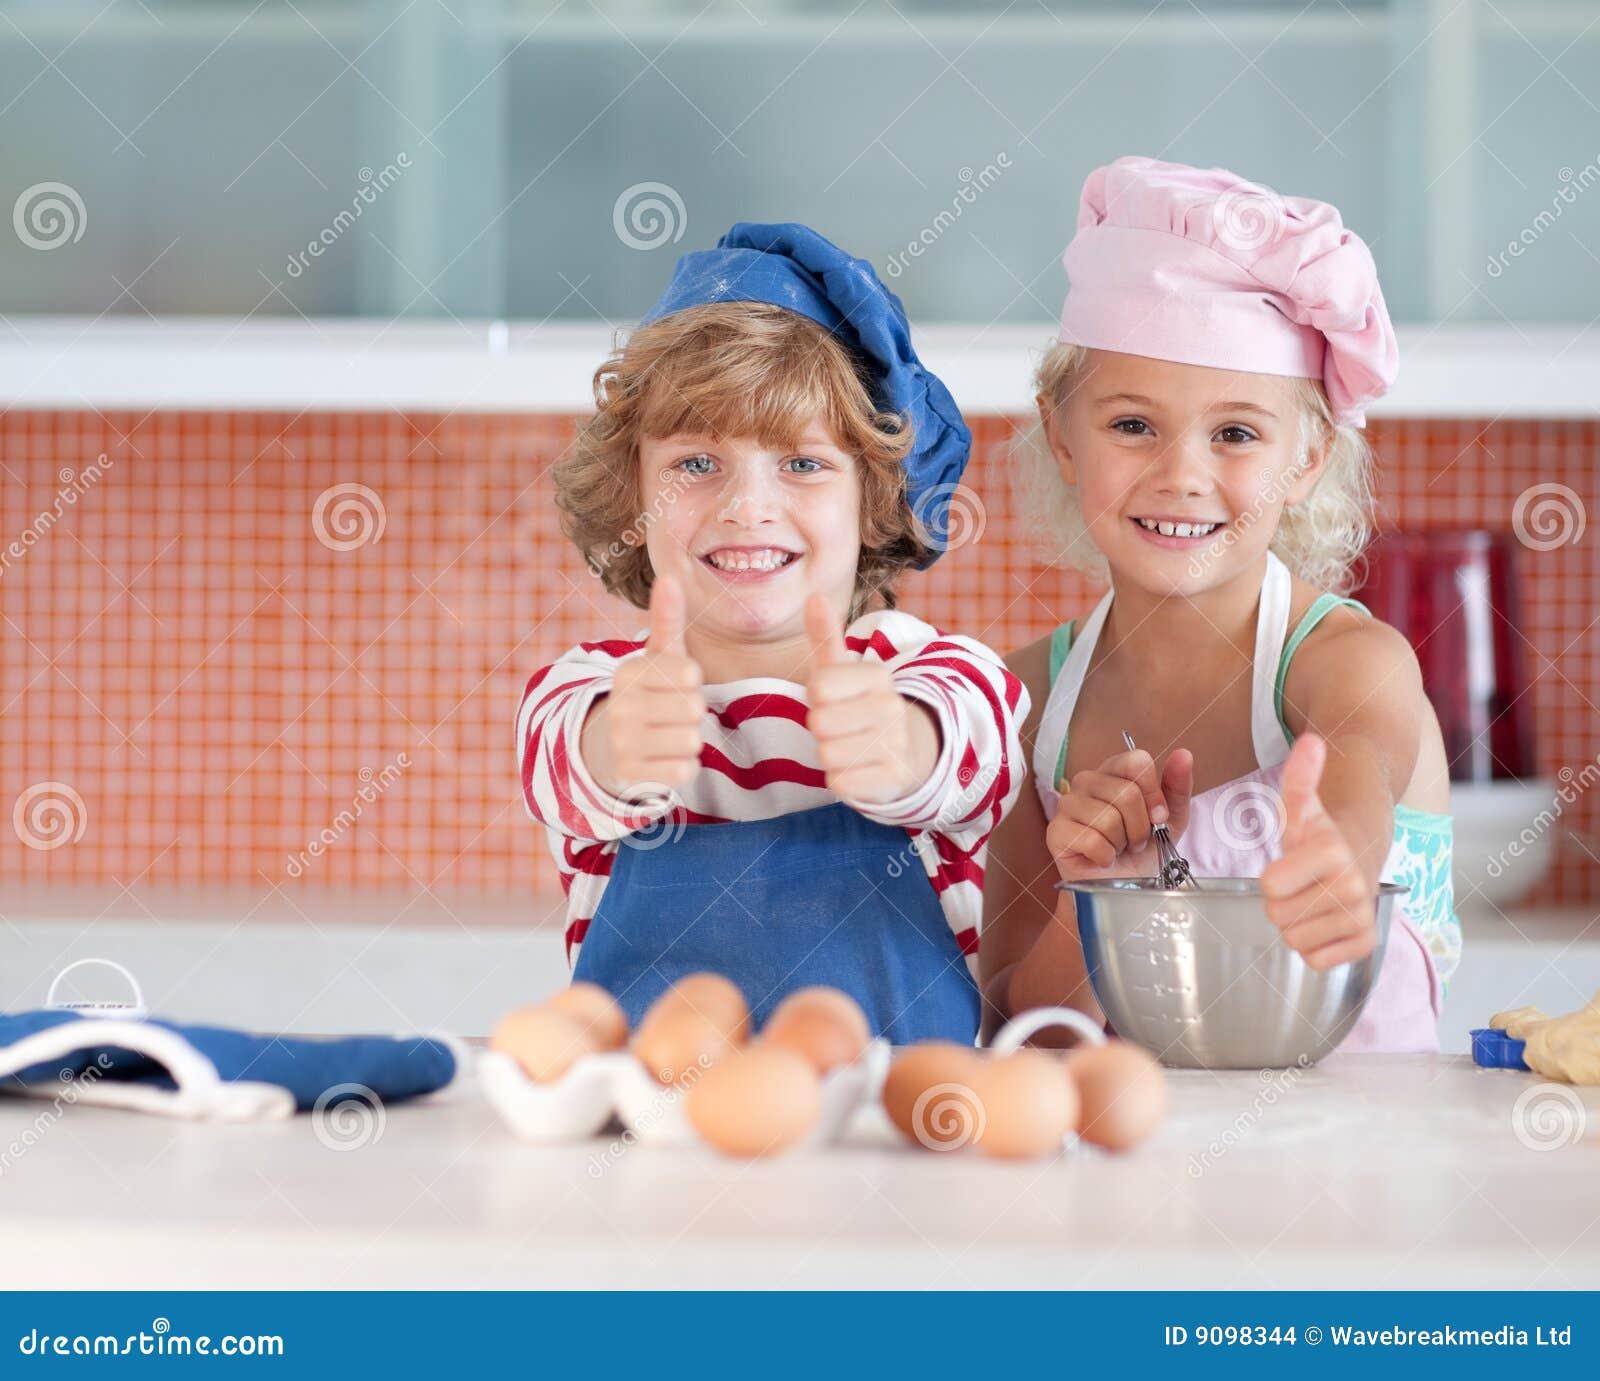 Divertimento dei bambini che ha cucina